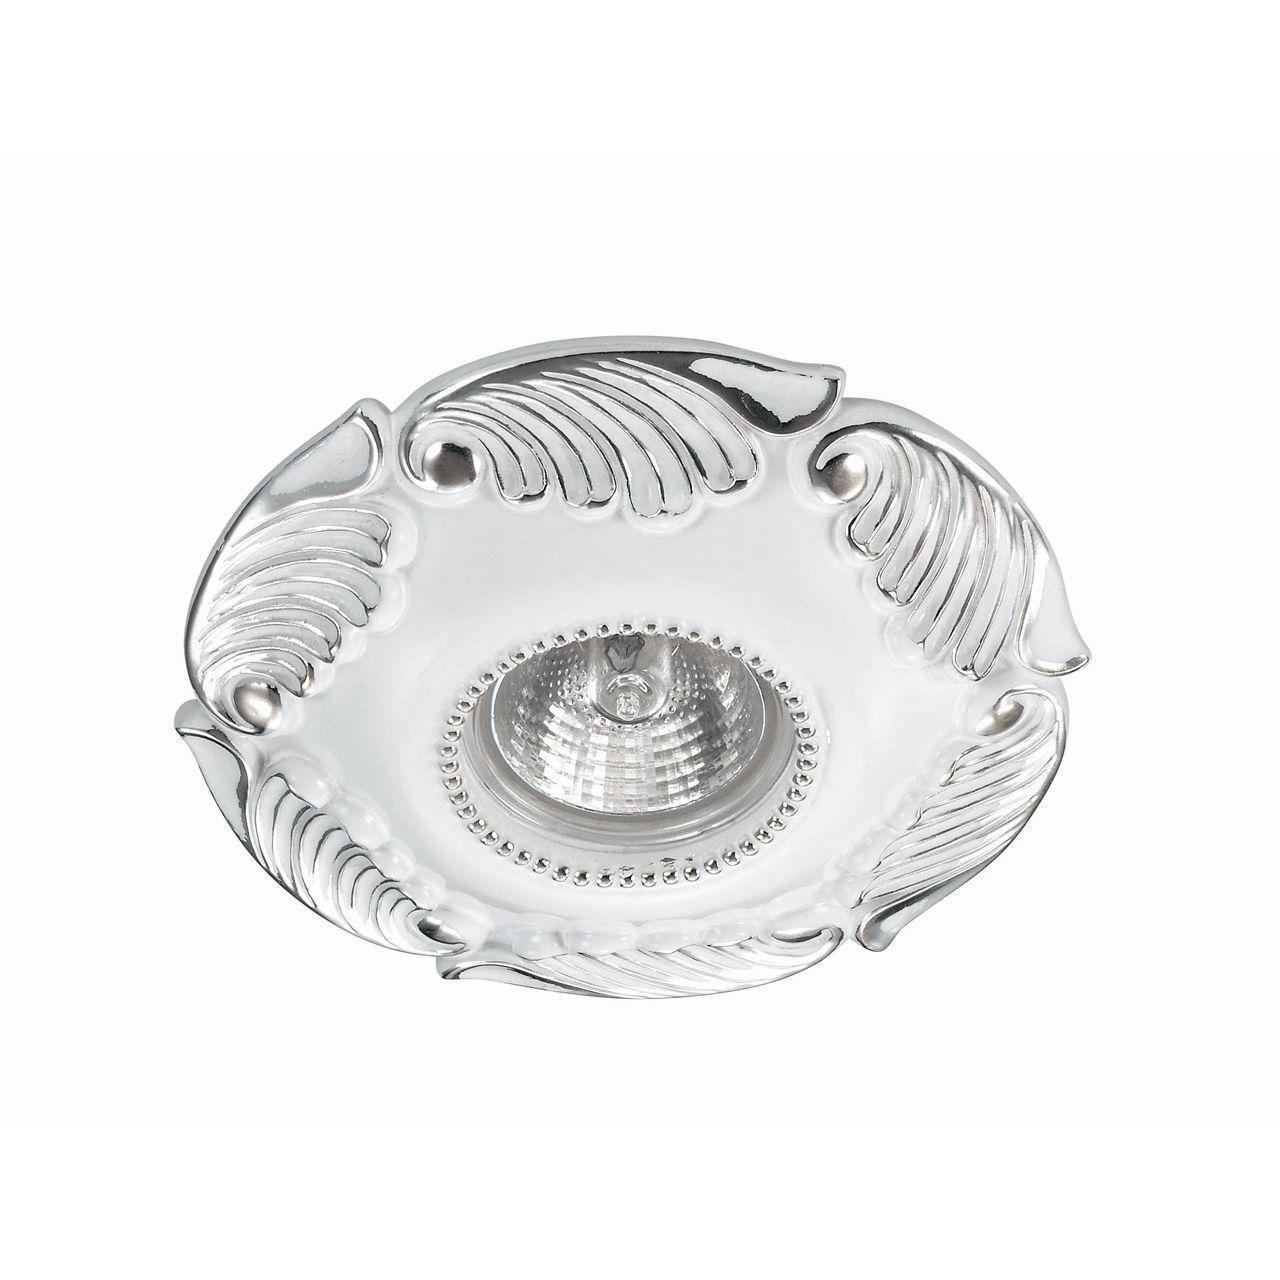 Встраиваемый светильник Novotech Pattern 370326 встраиваемый светильник novotech pattern 370326